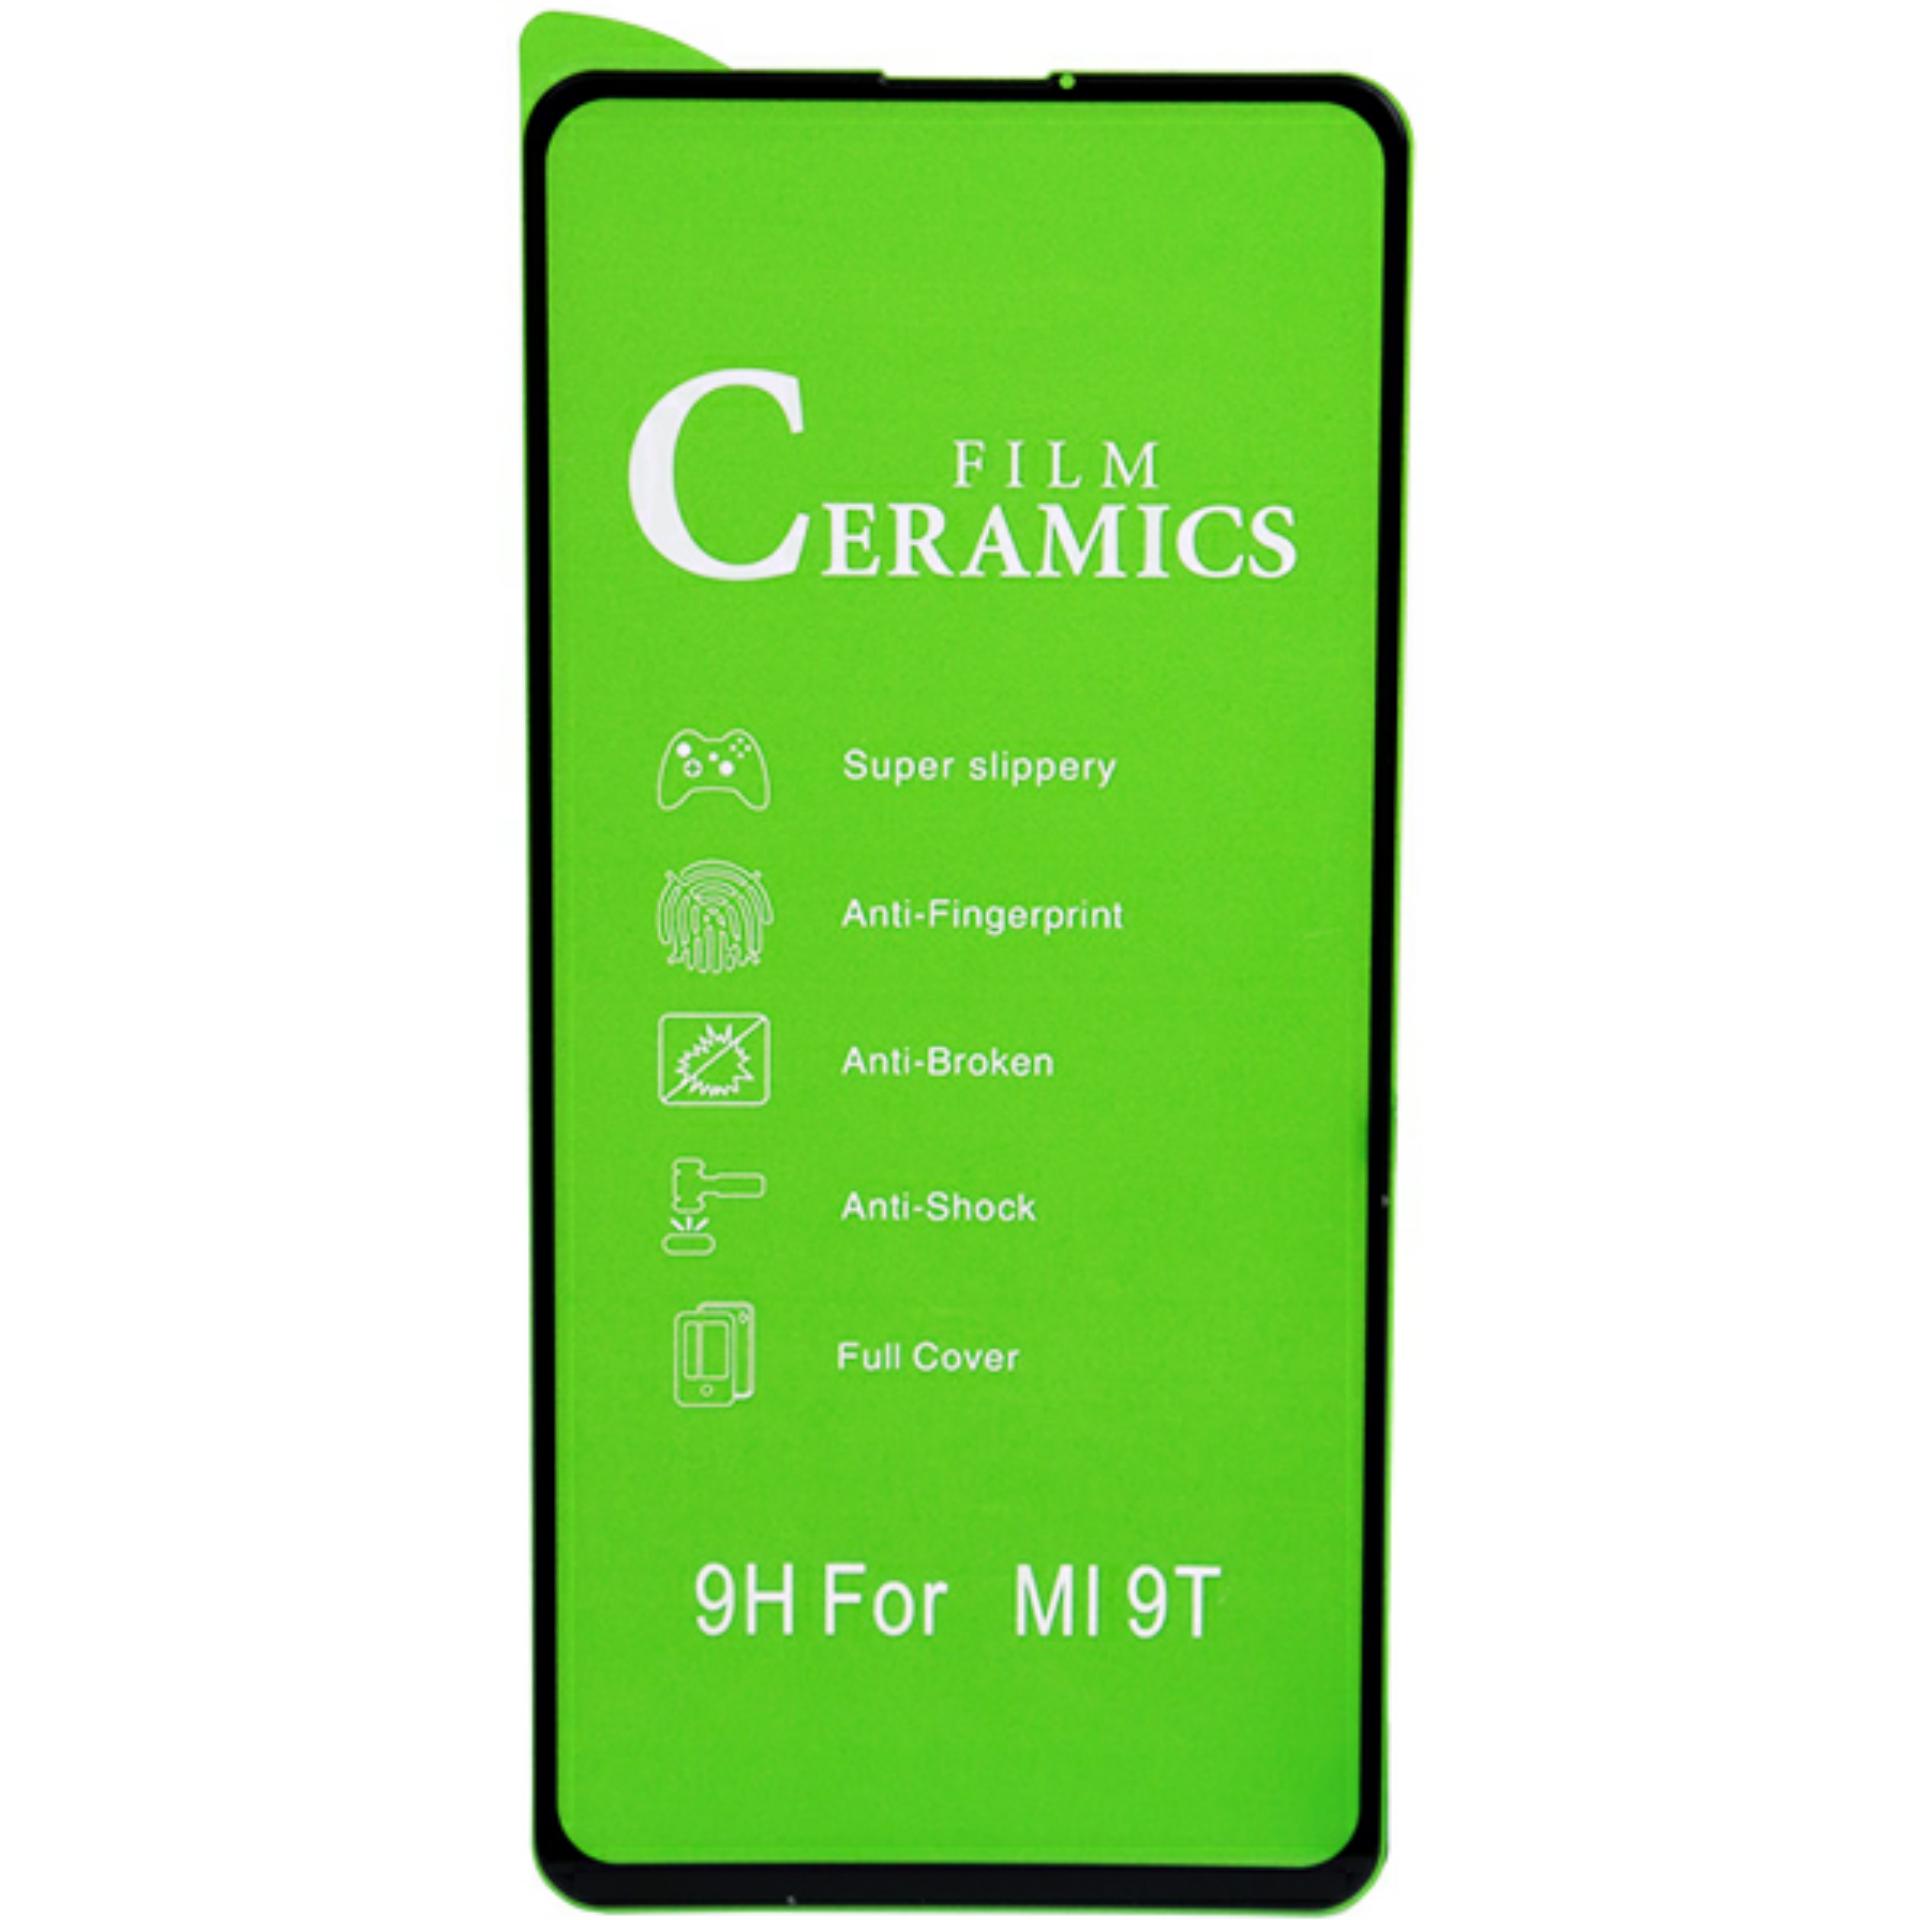 محافظ صفحه نمایش مدل CF9 مناسب برای گوشی موبایل شیائومی Mi 9T